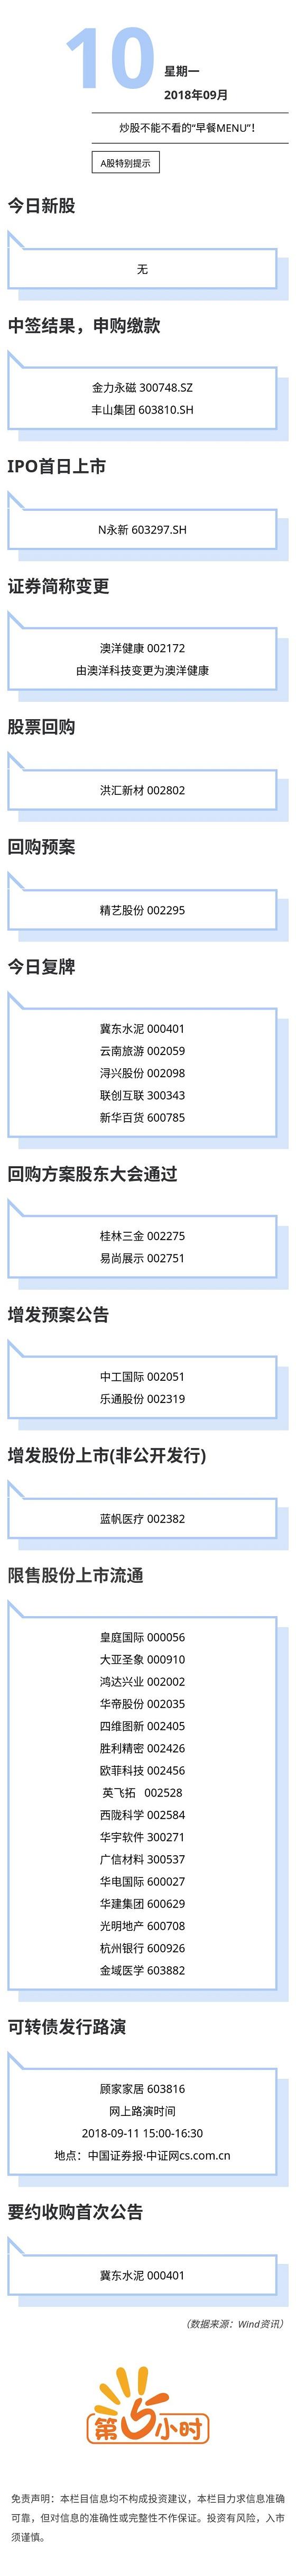 A股特别提示(2018-09-10).jpg